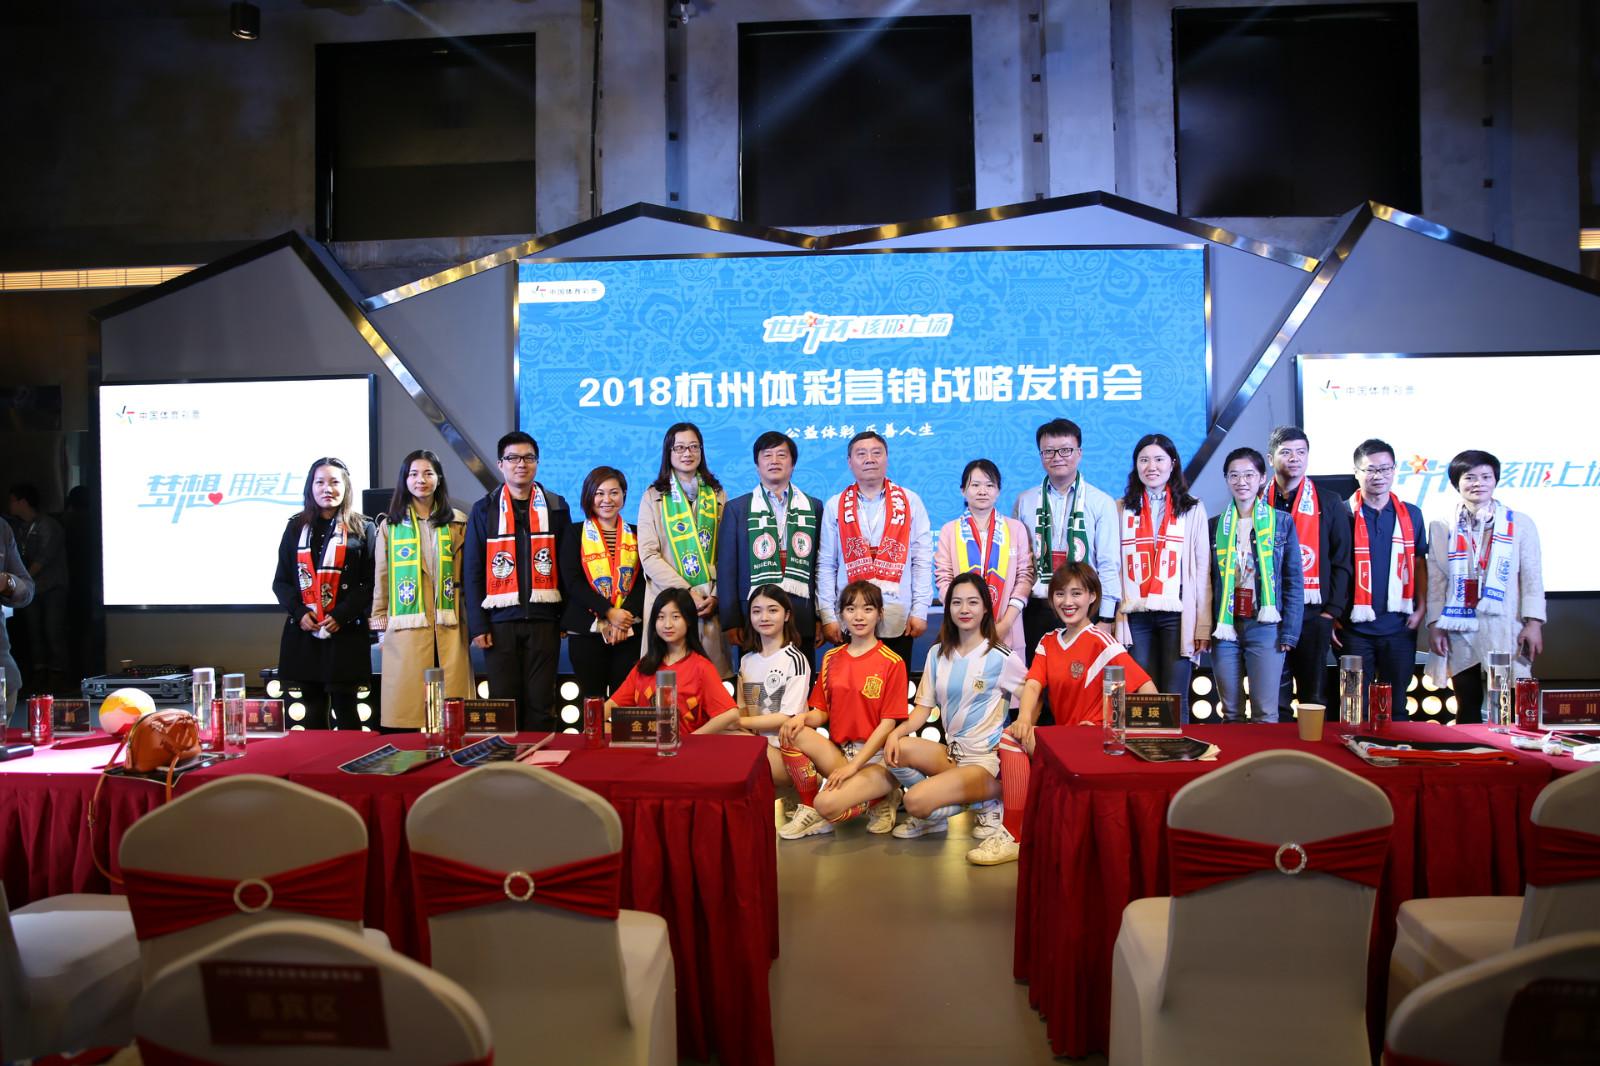 杭州体彩年度营销战略发布会隆重举行 十大项目重磅发布